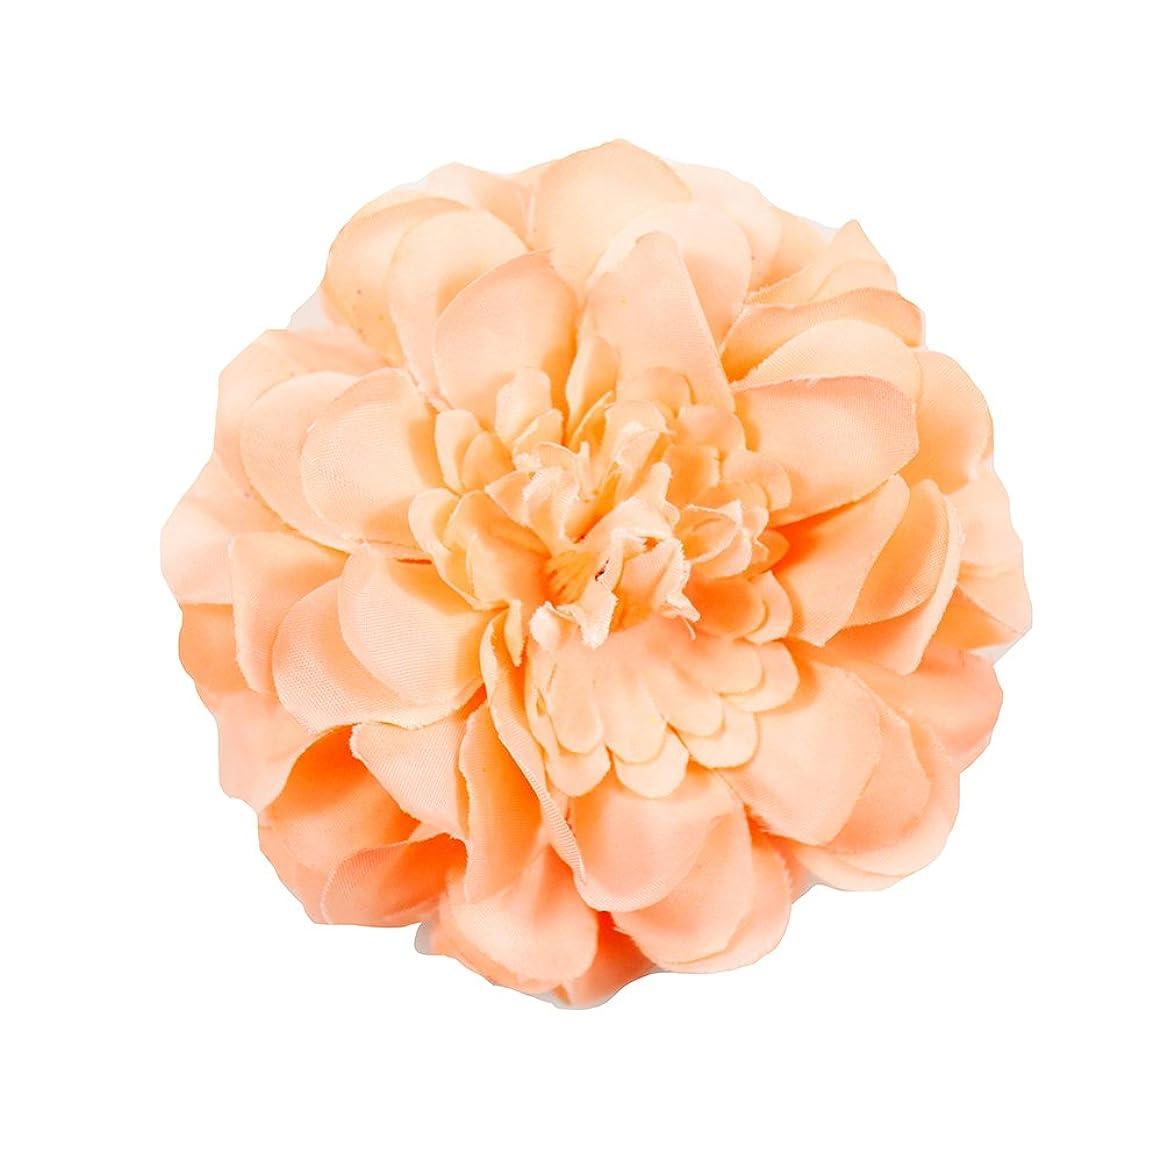 光のフロー視聴者コサージュ 入学式 コサージュ フォーマル 2way ヘッドドレス 卒業式 花 コサージュ結婚式 髪飾り fhsc19143spk